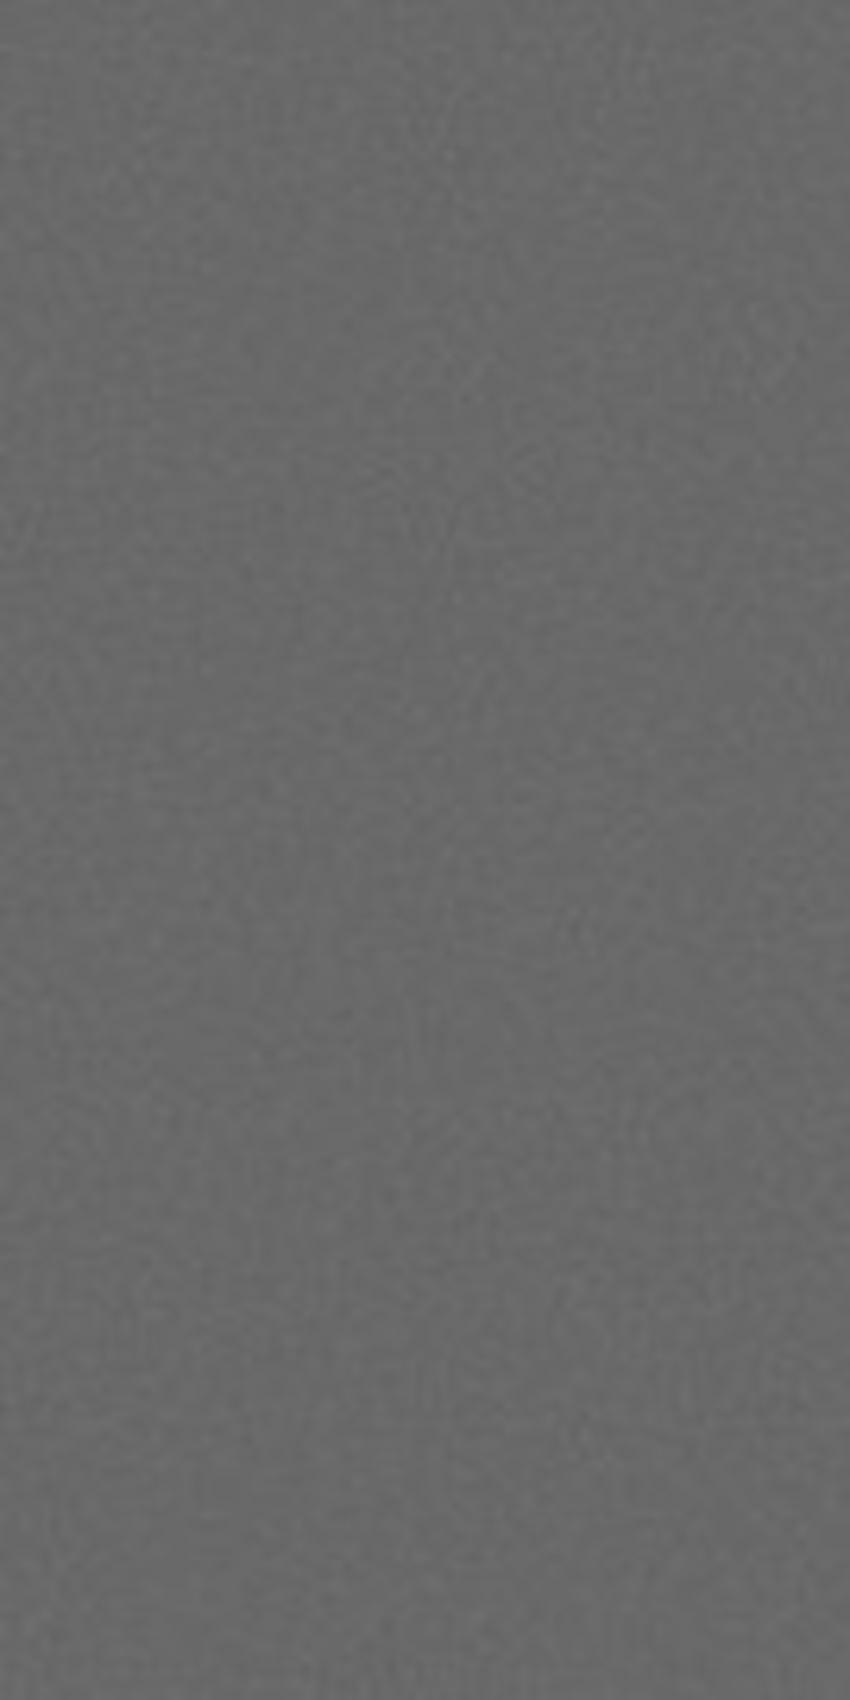 Płytka podłogowa lappato 29,7x59,7 cm Nowa Gala Lumina LU 13